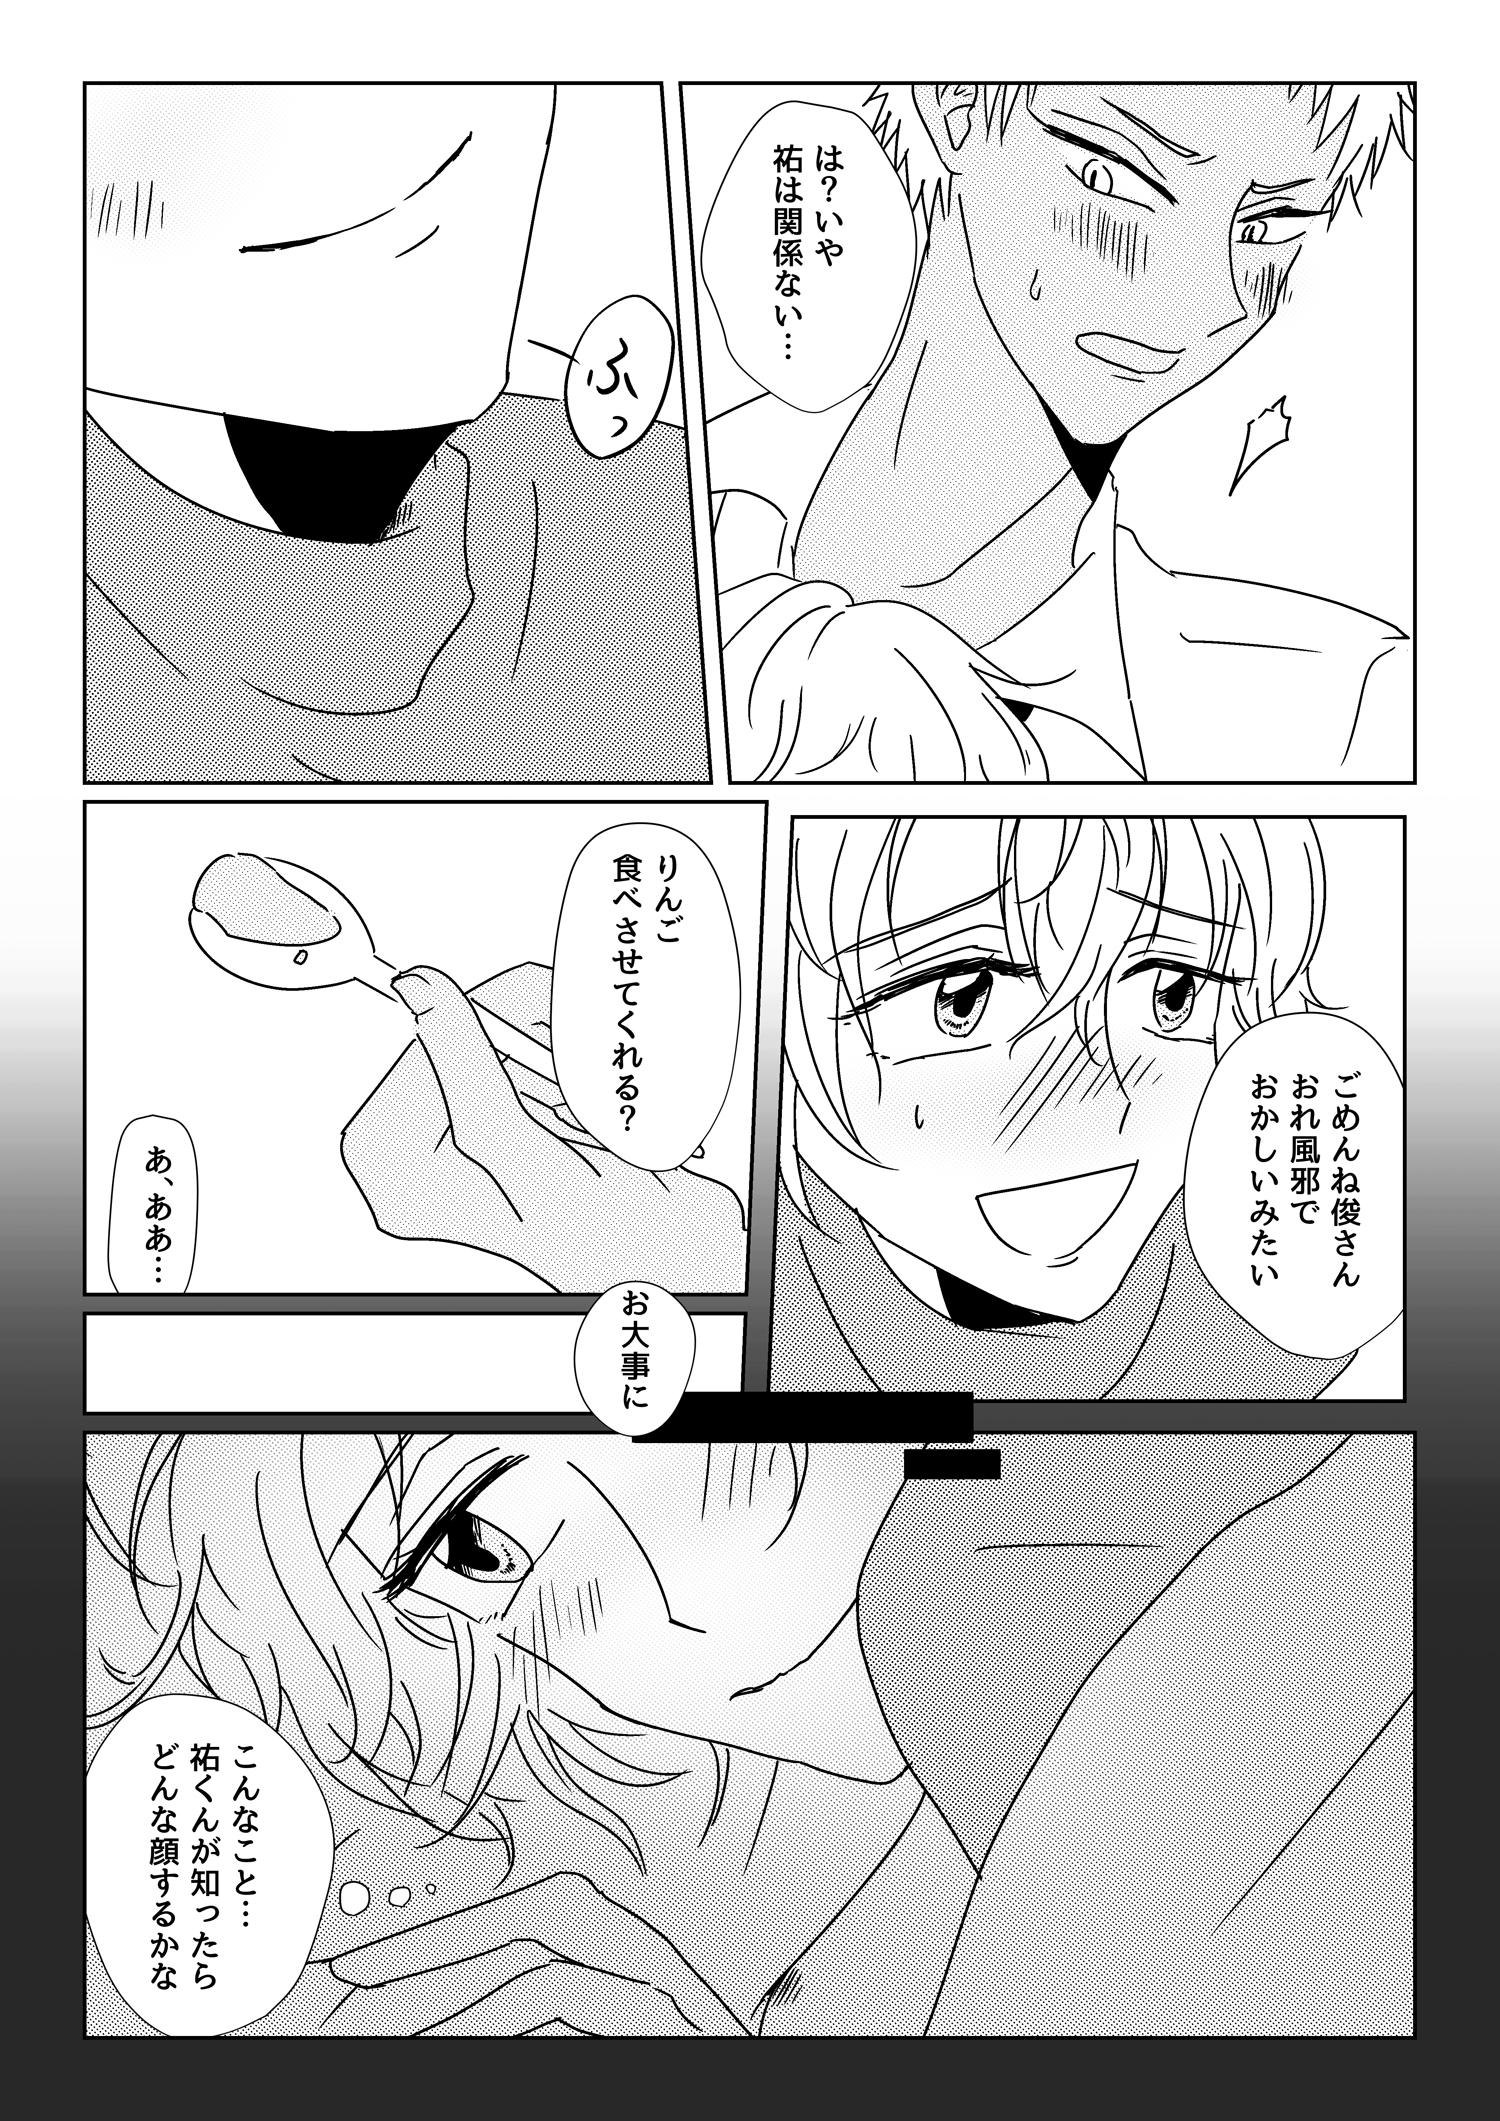 ryoshun_003